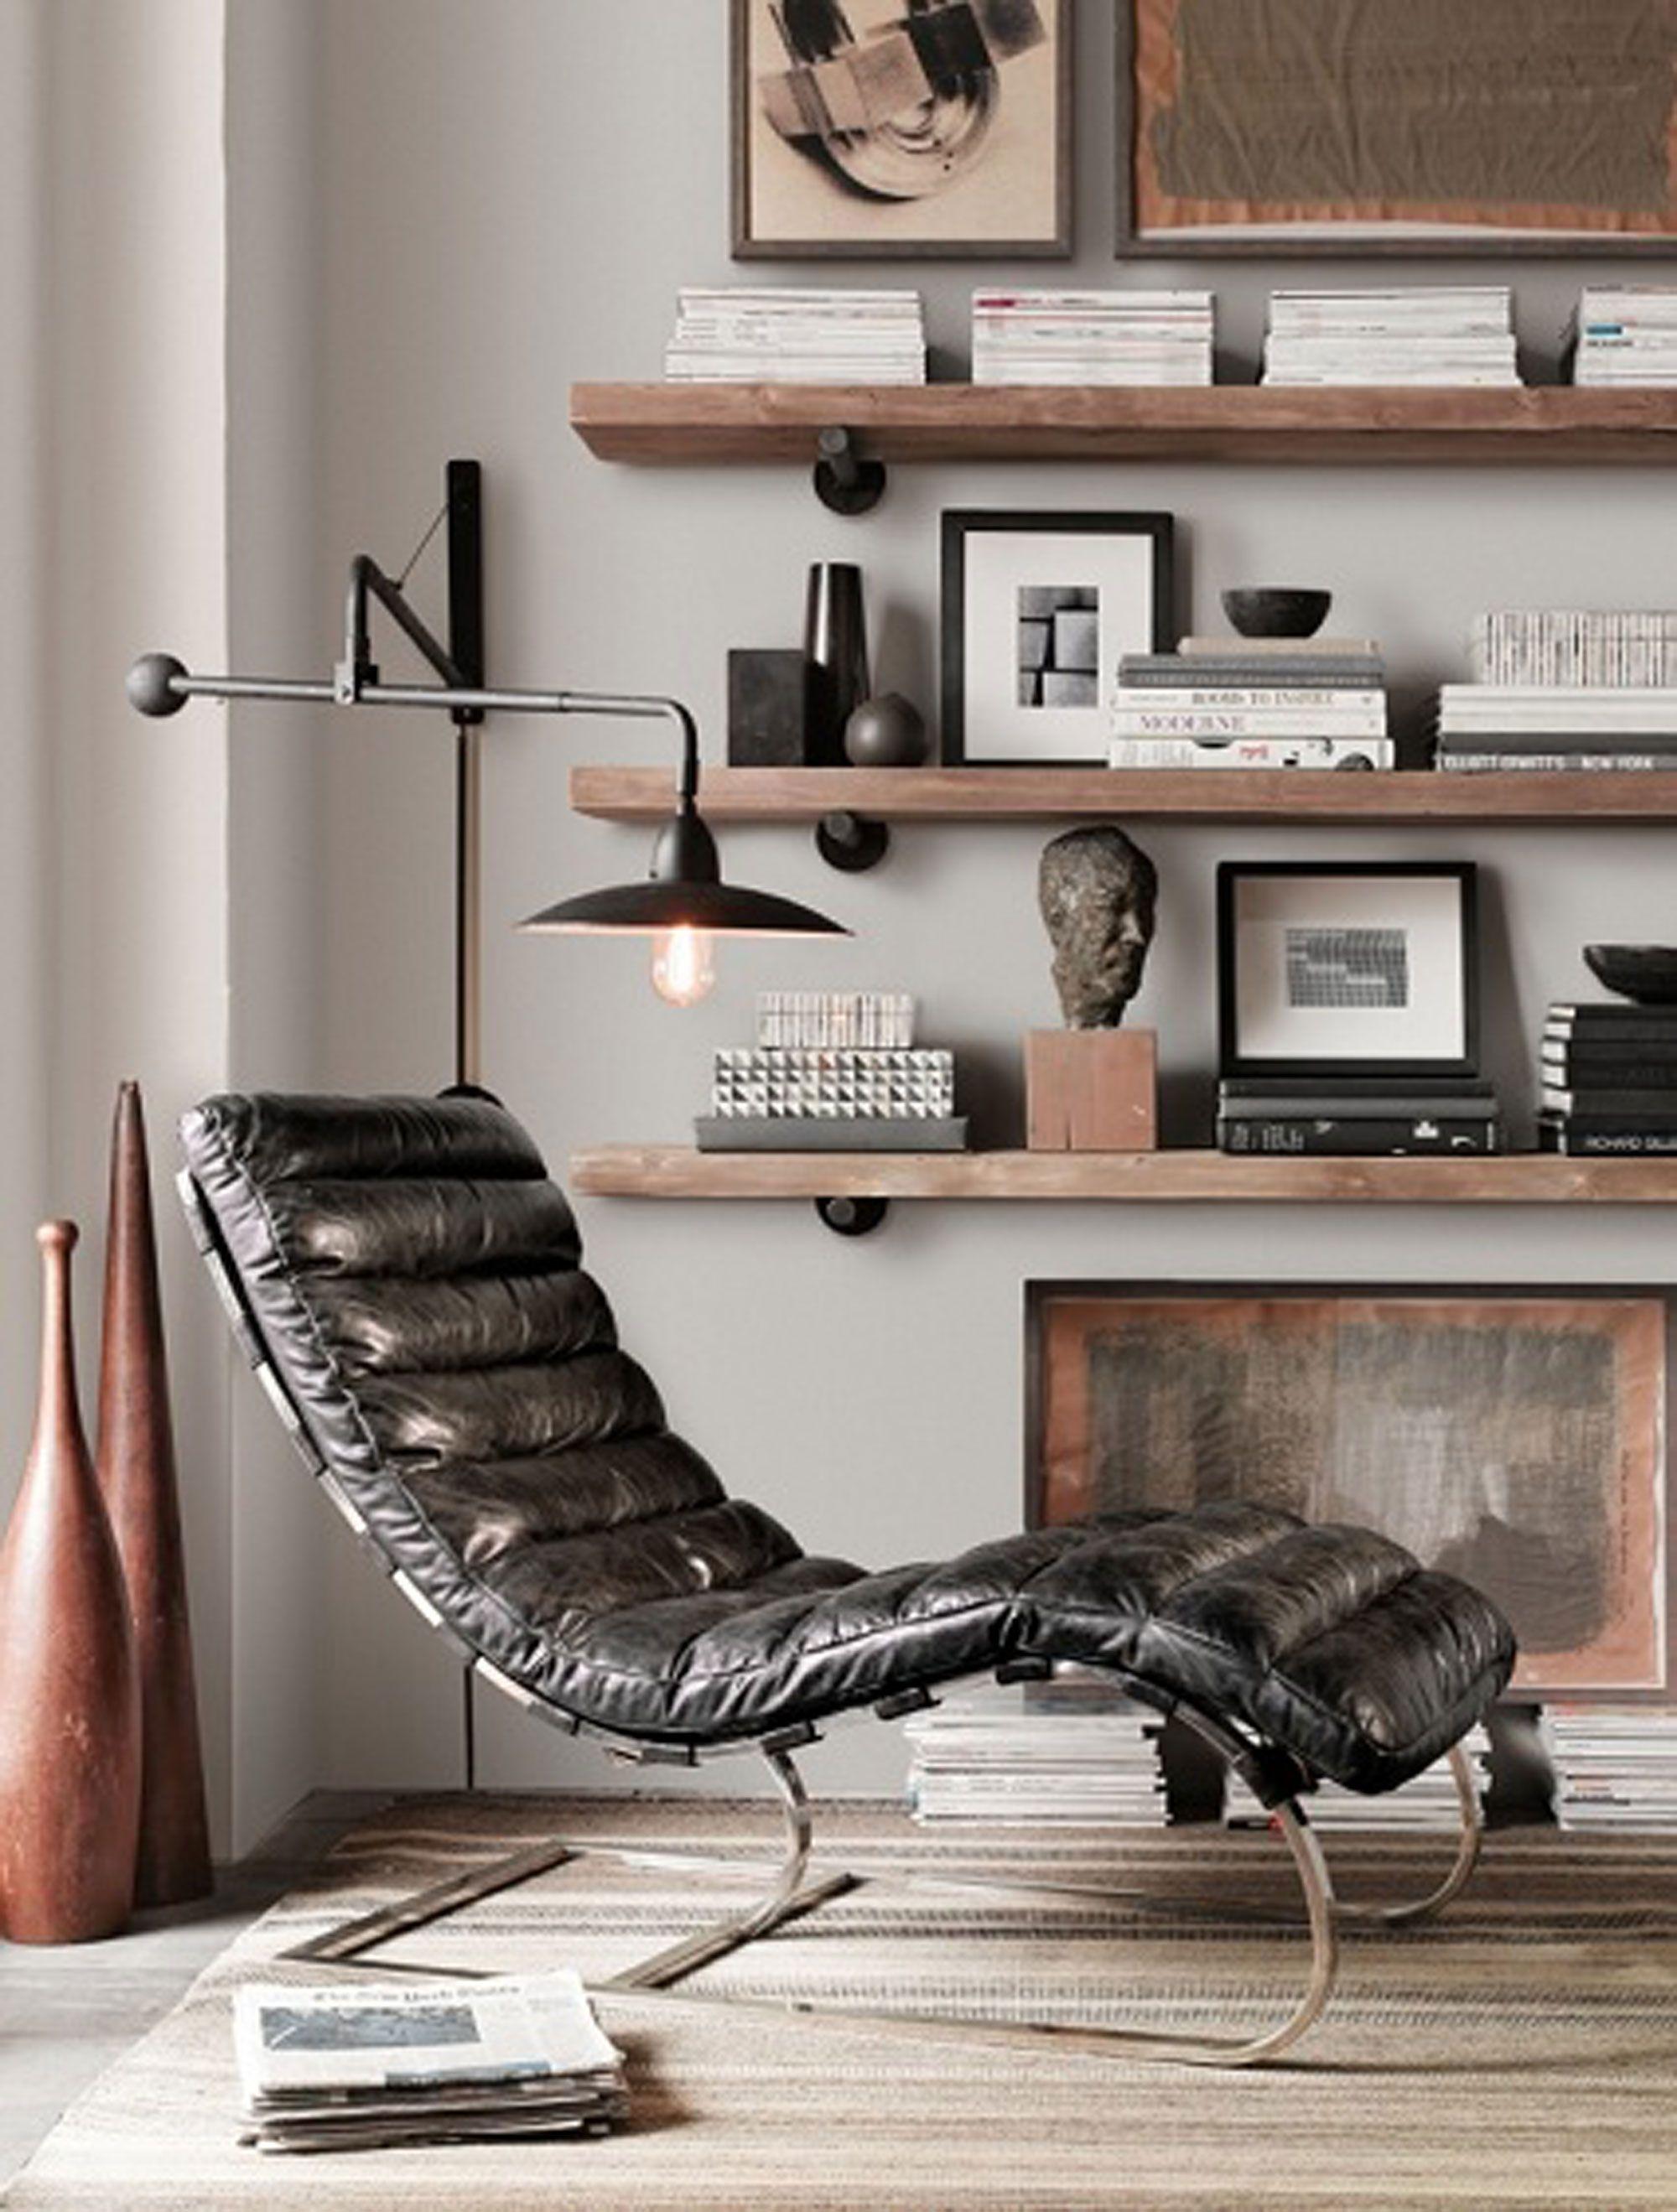 Chaise Longue Ufficio.Chaise Longue Mies Van Der Rohe Furniture Design